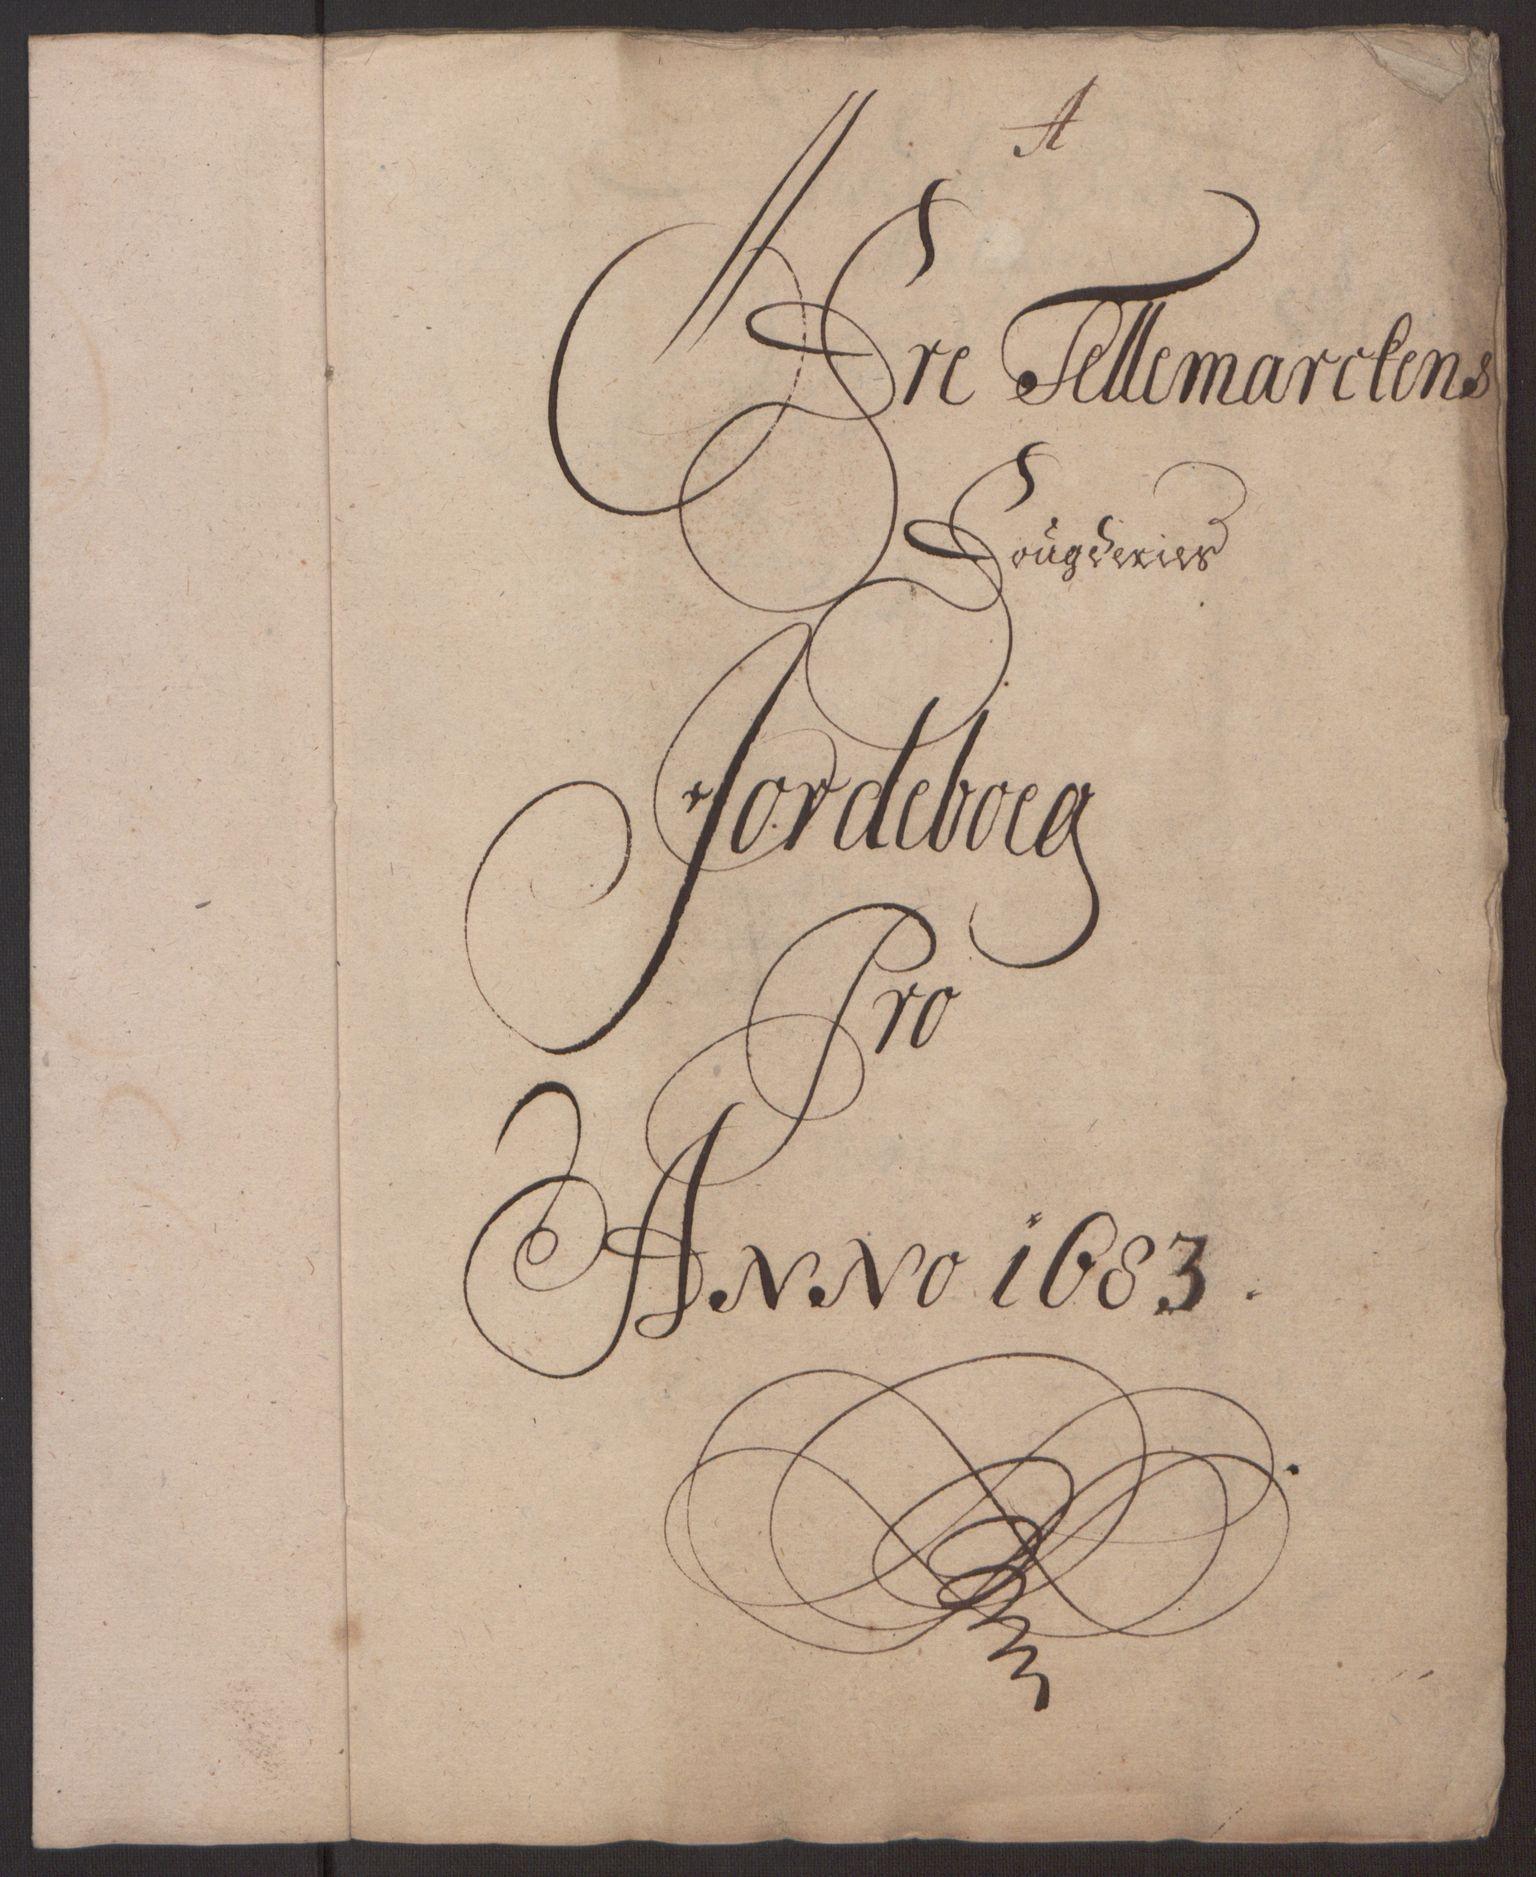 RA, Rentekammeret inntil 1814, Reviderte regnskaper, Fogderegnskap, R35/L2079: Fogderegnskap Øvre og Nedre Telemark, 1680-1684, s. 4